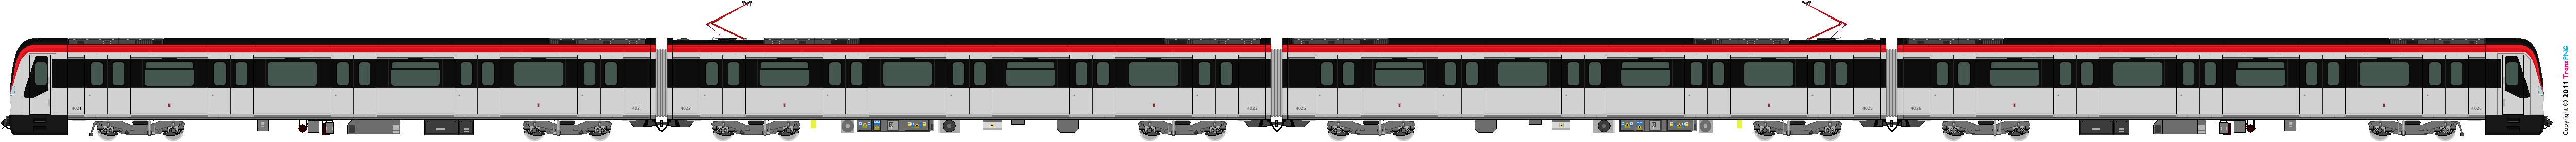 [5286] 港鐵軌道交通(深圳) 5286